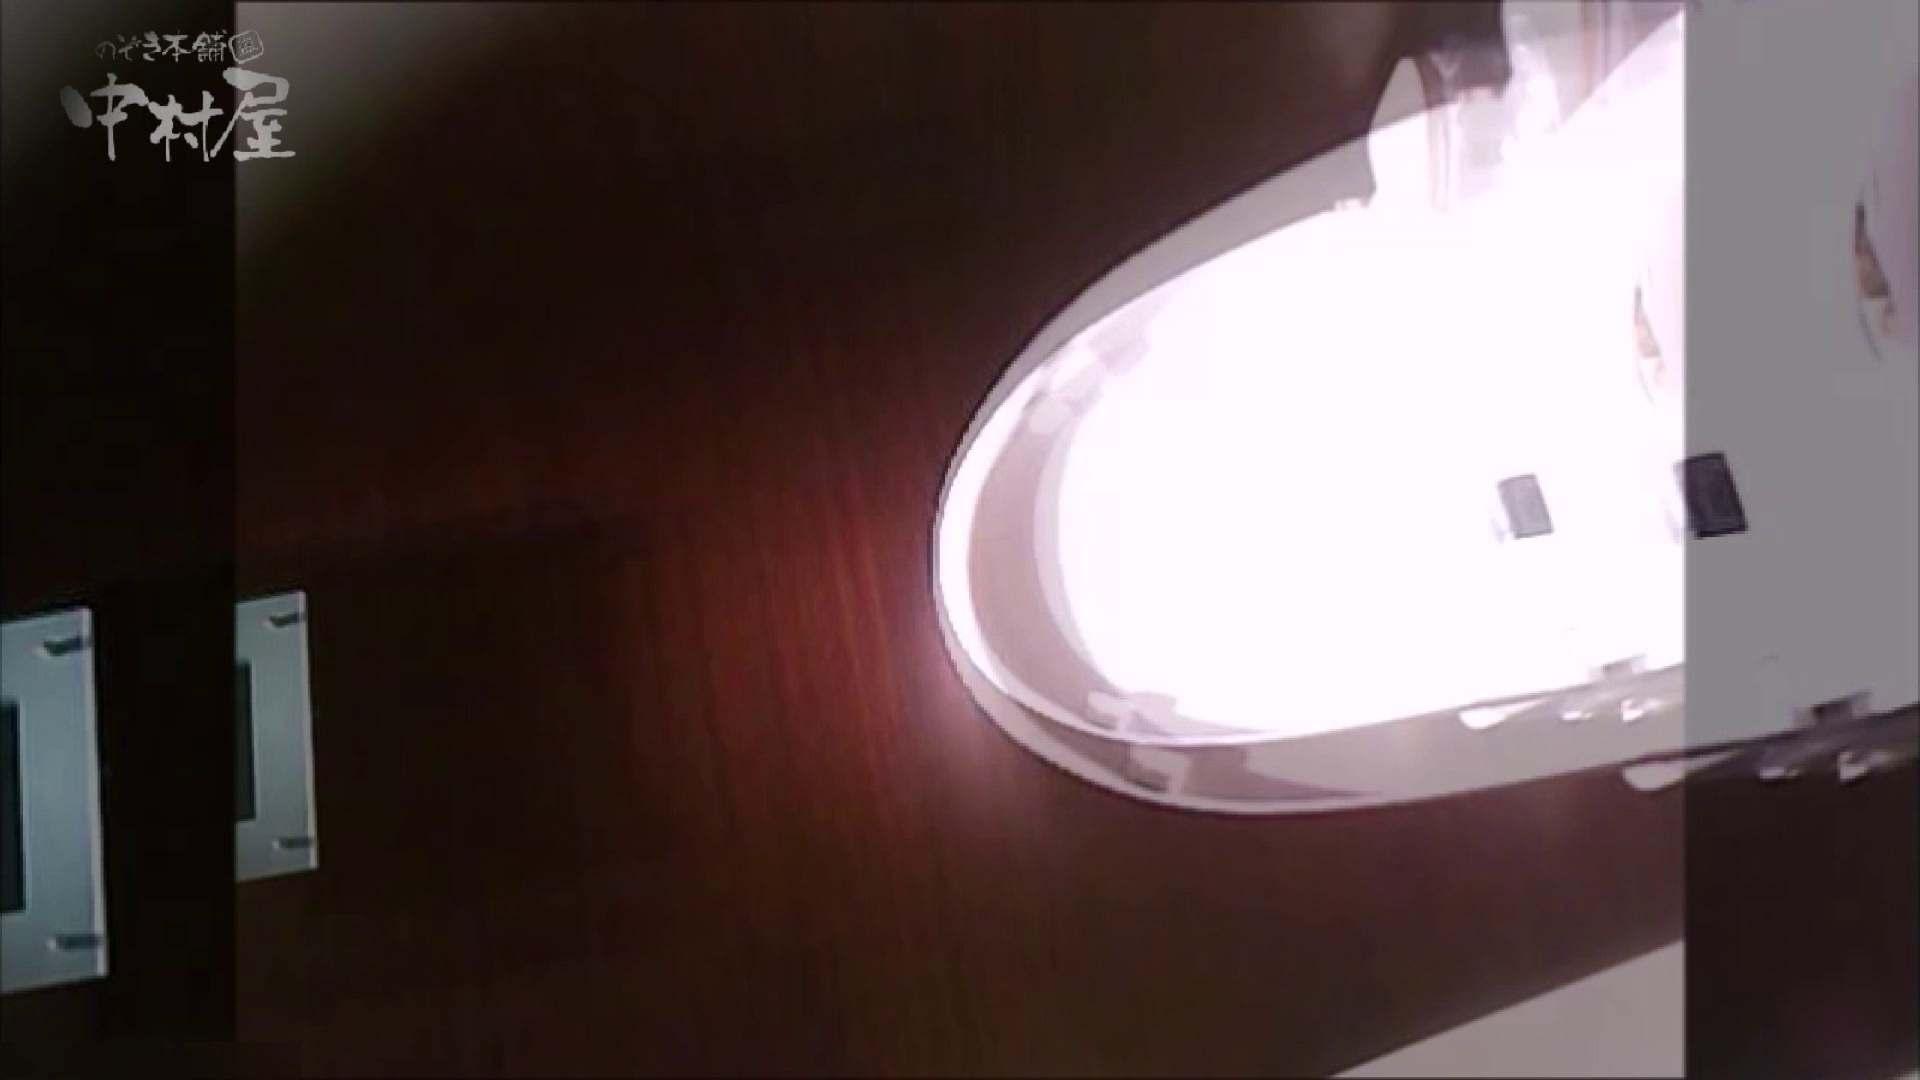 女子トイレ盗撮~某ファミレス編~vol.25 OLエロ画像 盗み撮りAV無料動画キャプチャ 112PICs 92